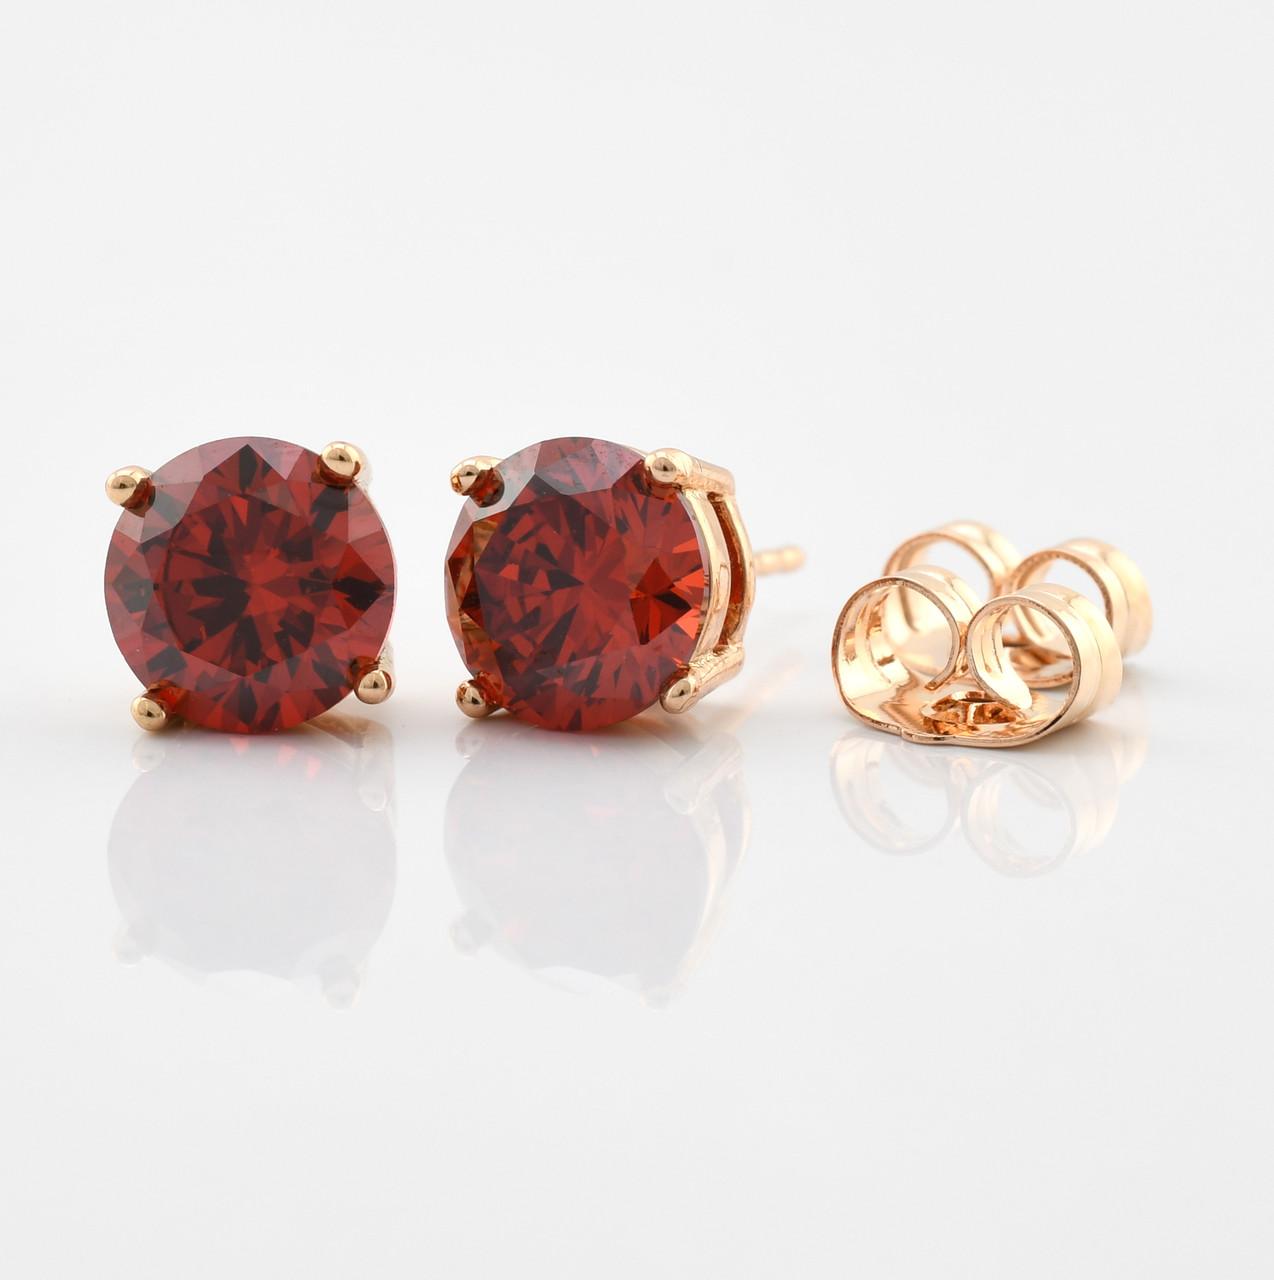 Серьги-гвоздики 21702-18К, размер 8*8 мм, красные фианиты, позолота 18К